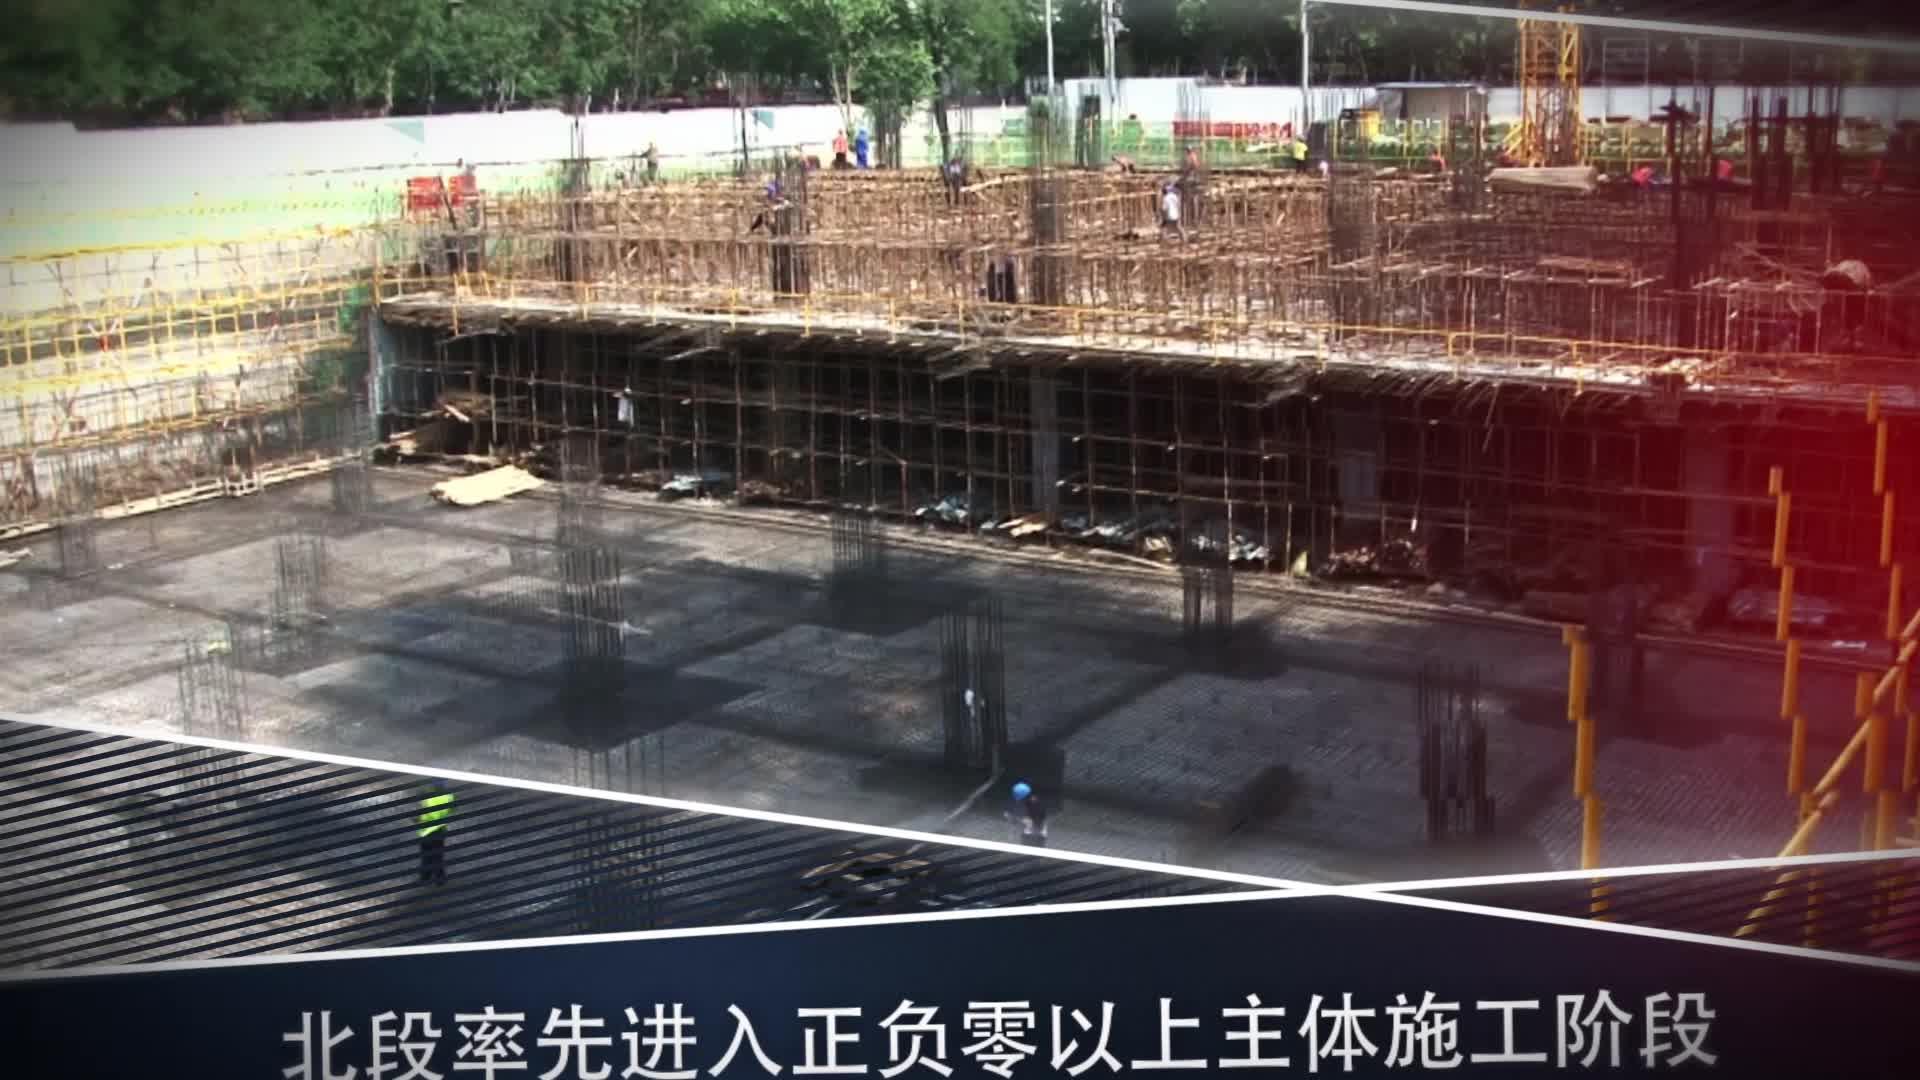 12.12电影圈子 西影国际影城顺利封顶